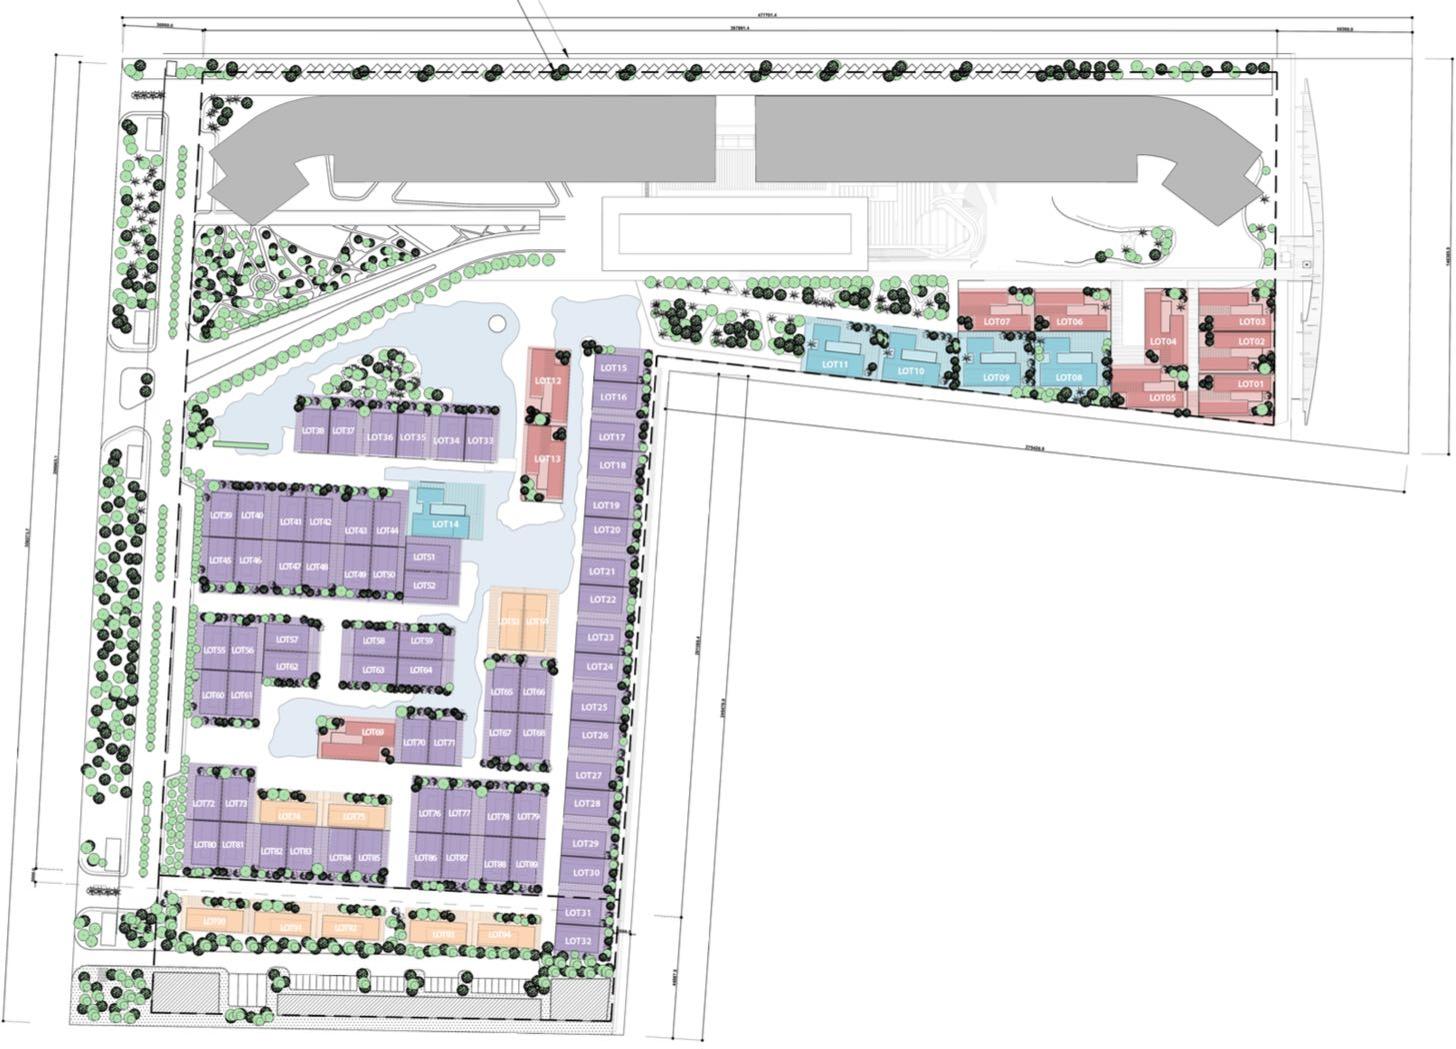 mặt bằng thiết kế Malibu Hội An gồm 668 căn hộ và 96 căn biệt thự